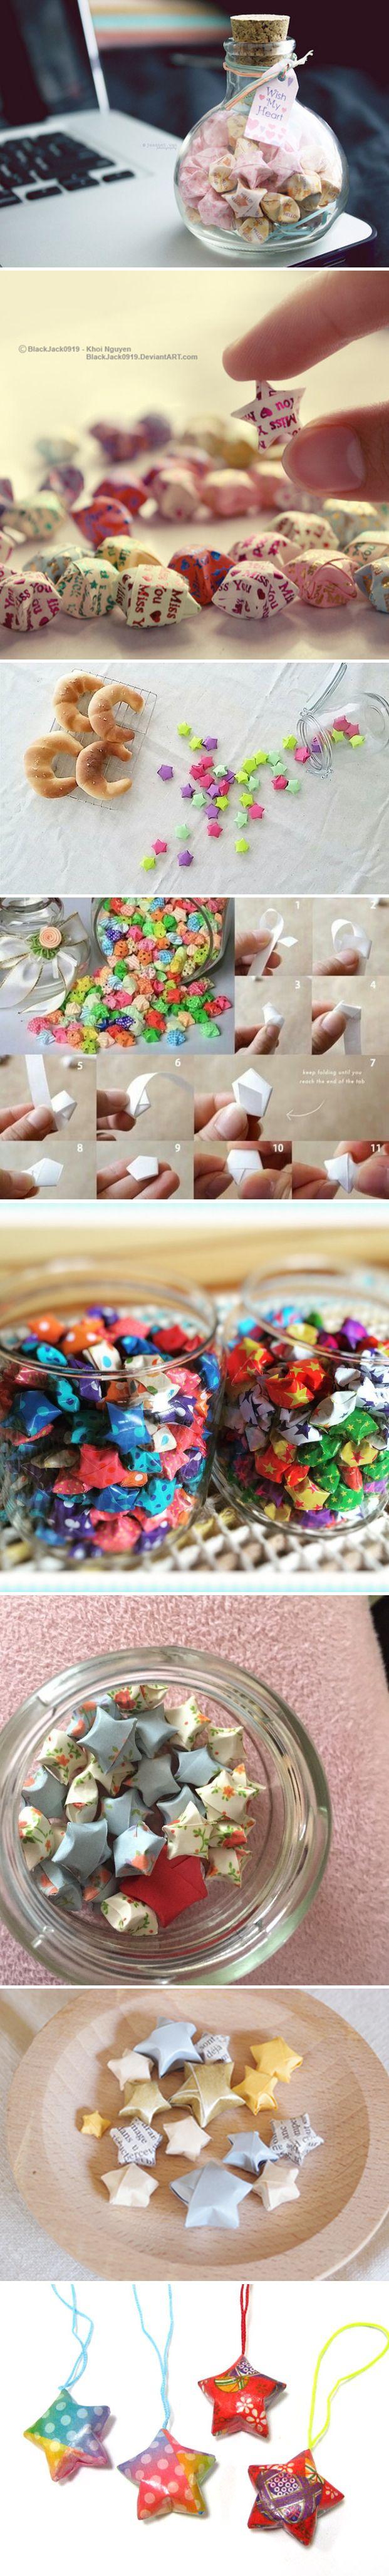 """折り紙でつくるちいさな星!噂の「#ラッキースター」に願いをこめて Small stars that you make with folded paper (origami)! Make a wish on the legendary """"#LuckyStar"""""""